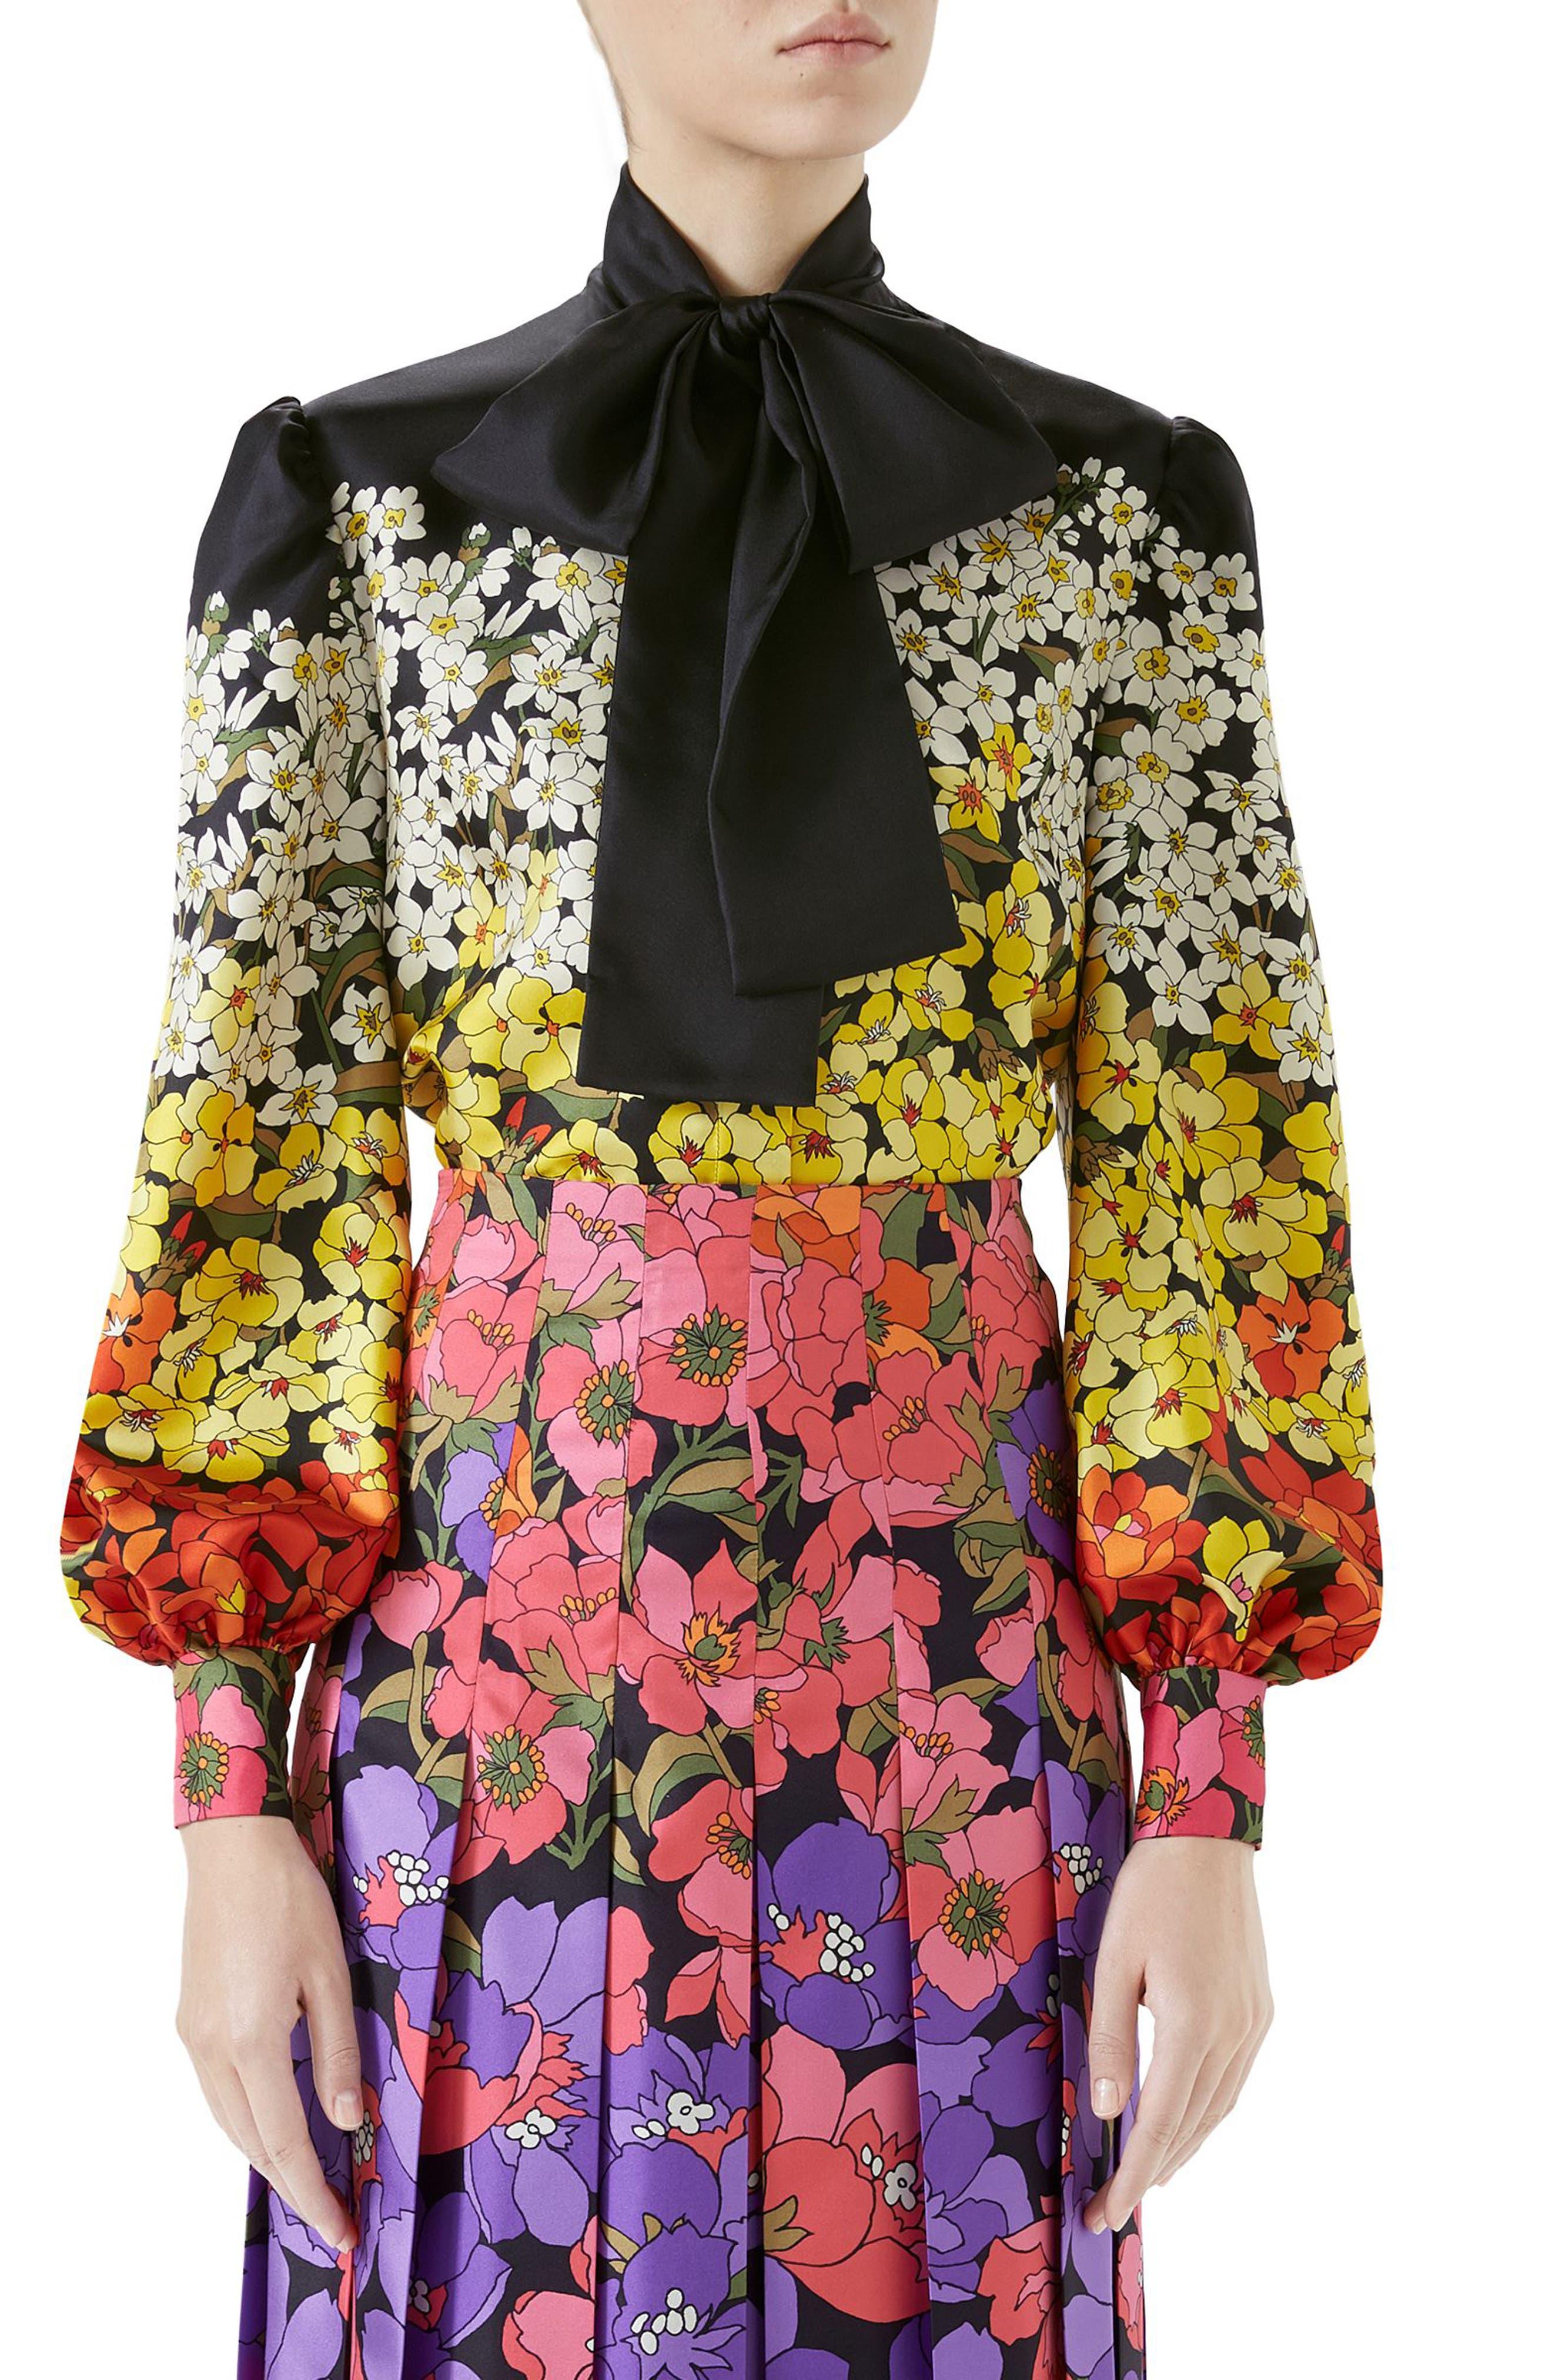 Dégradé Floral Print Silk Tie Neck Blouse,                         Main,                         color, BLACK/ PURPLE PRINT